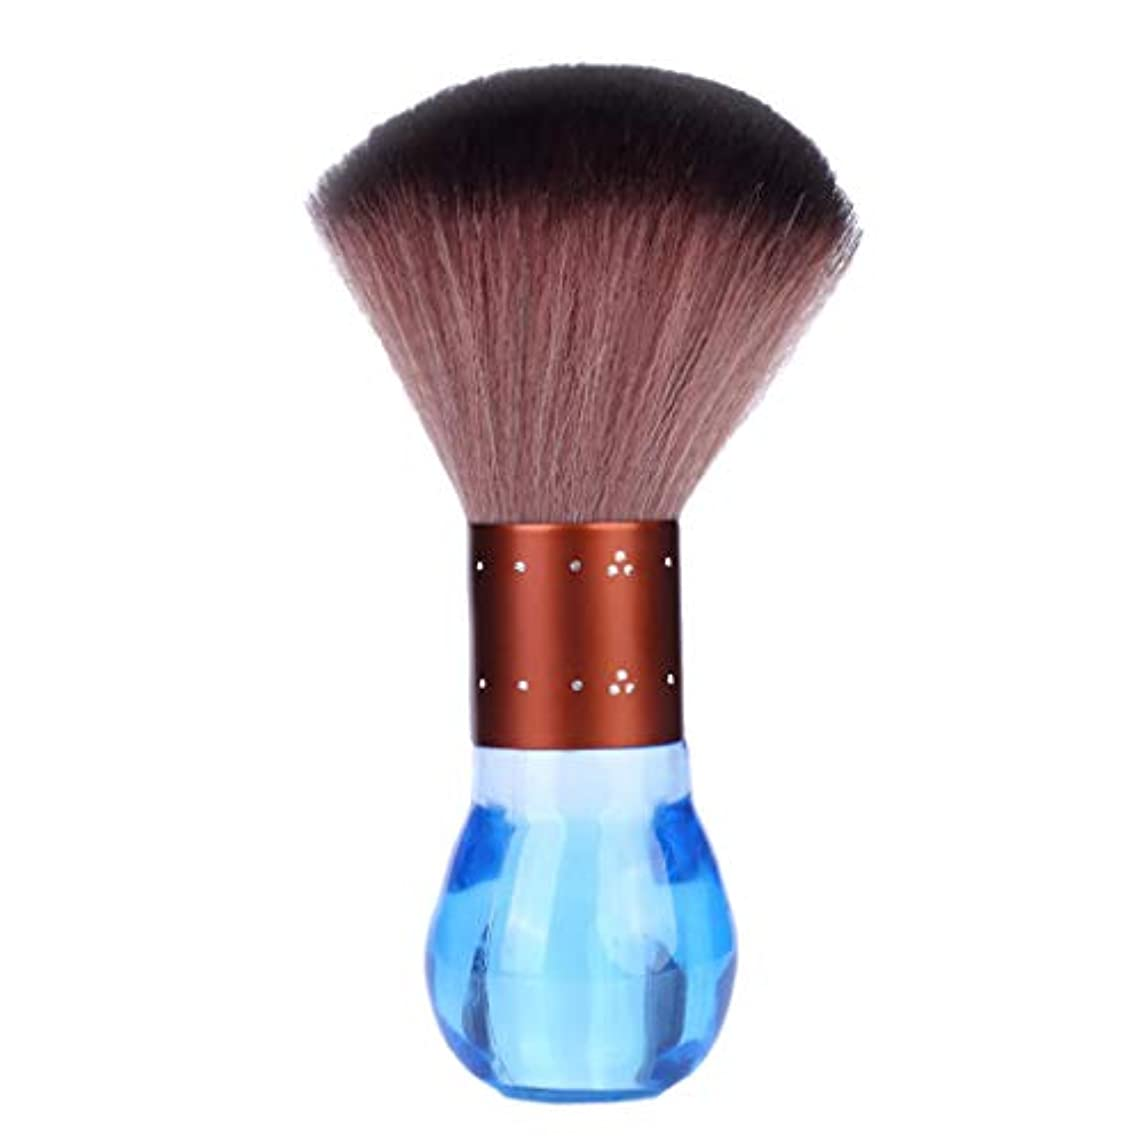 政令サラダシンプトンプロサロン散髪美容ソフトブラシ首ダスト除去クリーニングブラシ